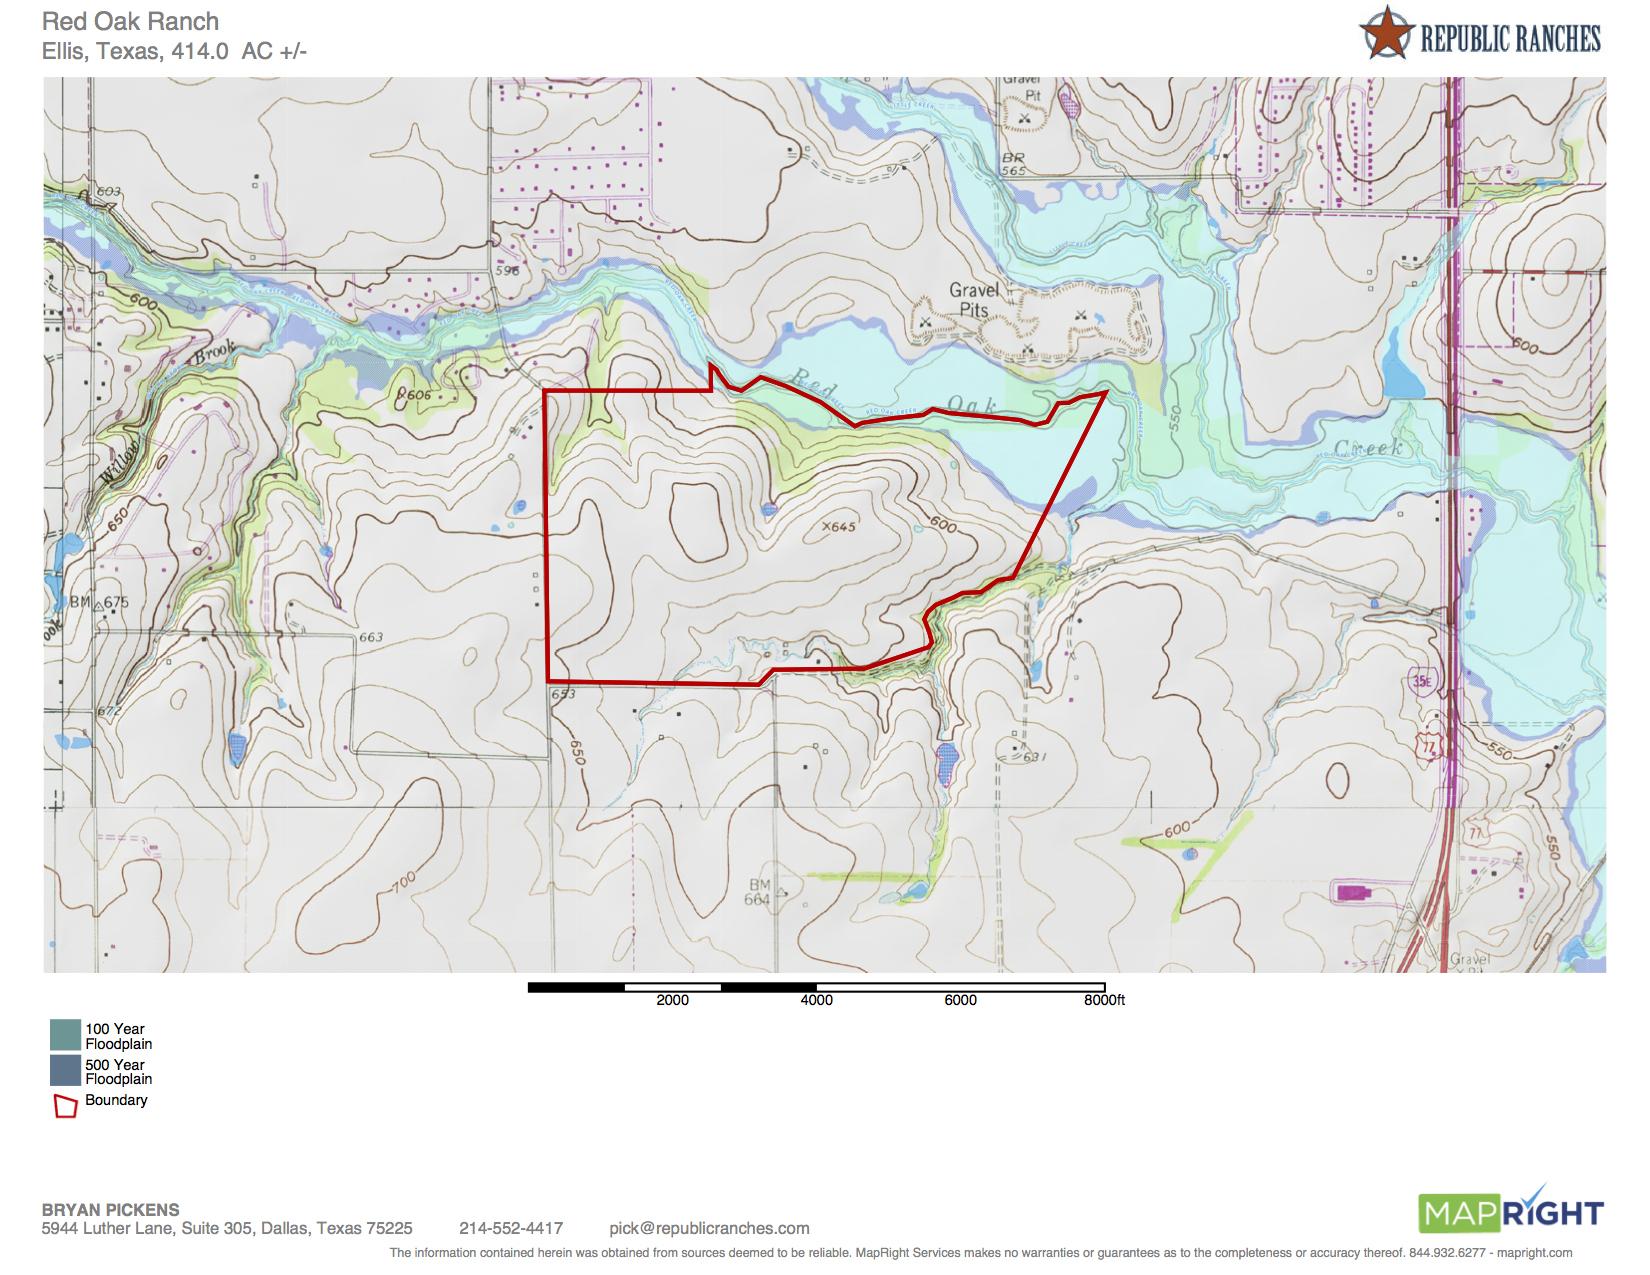 Red Oak Ranch - Red Oak Texas Map